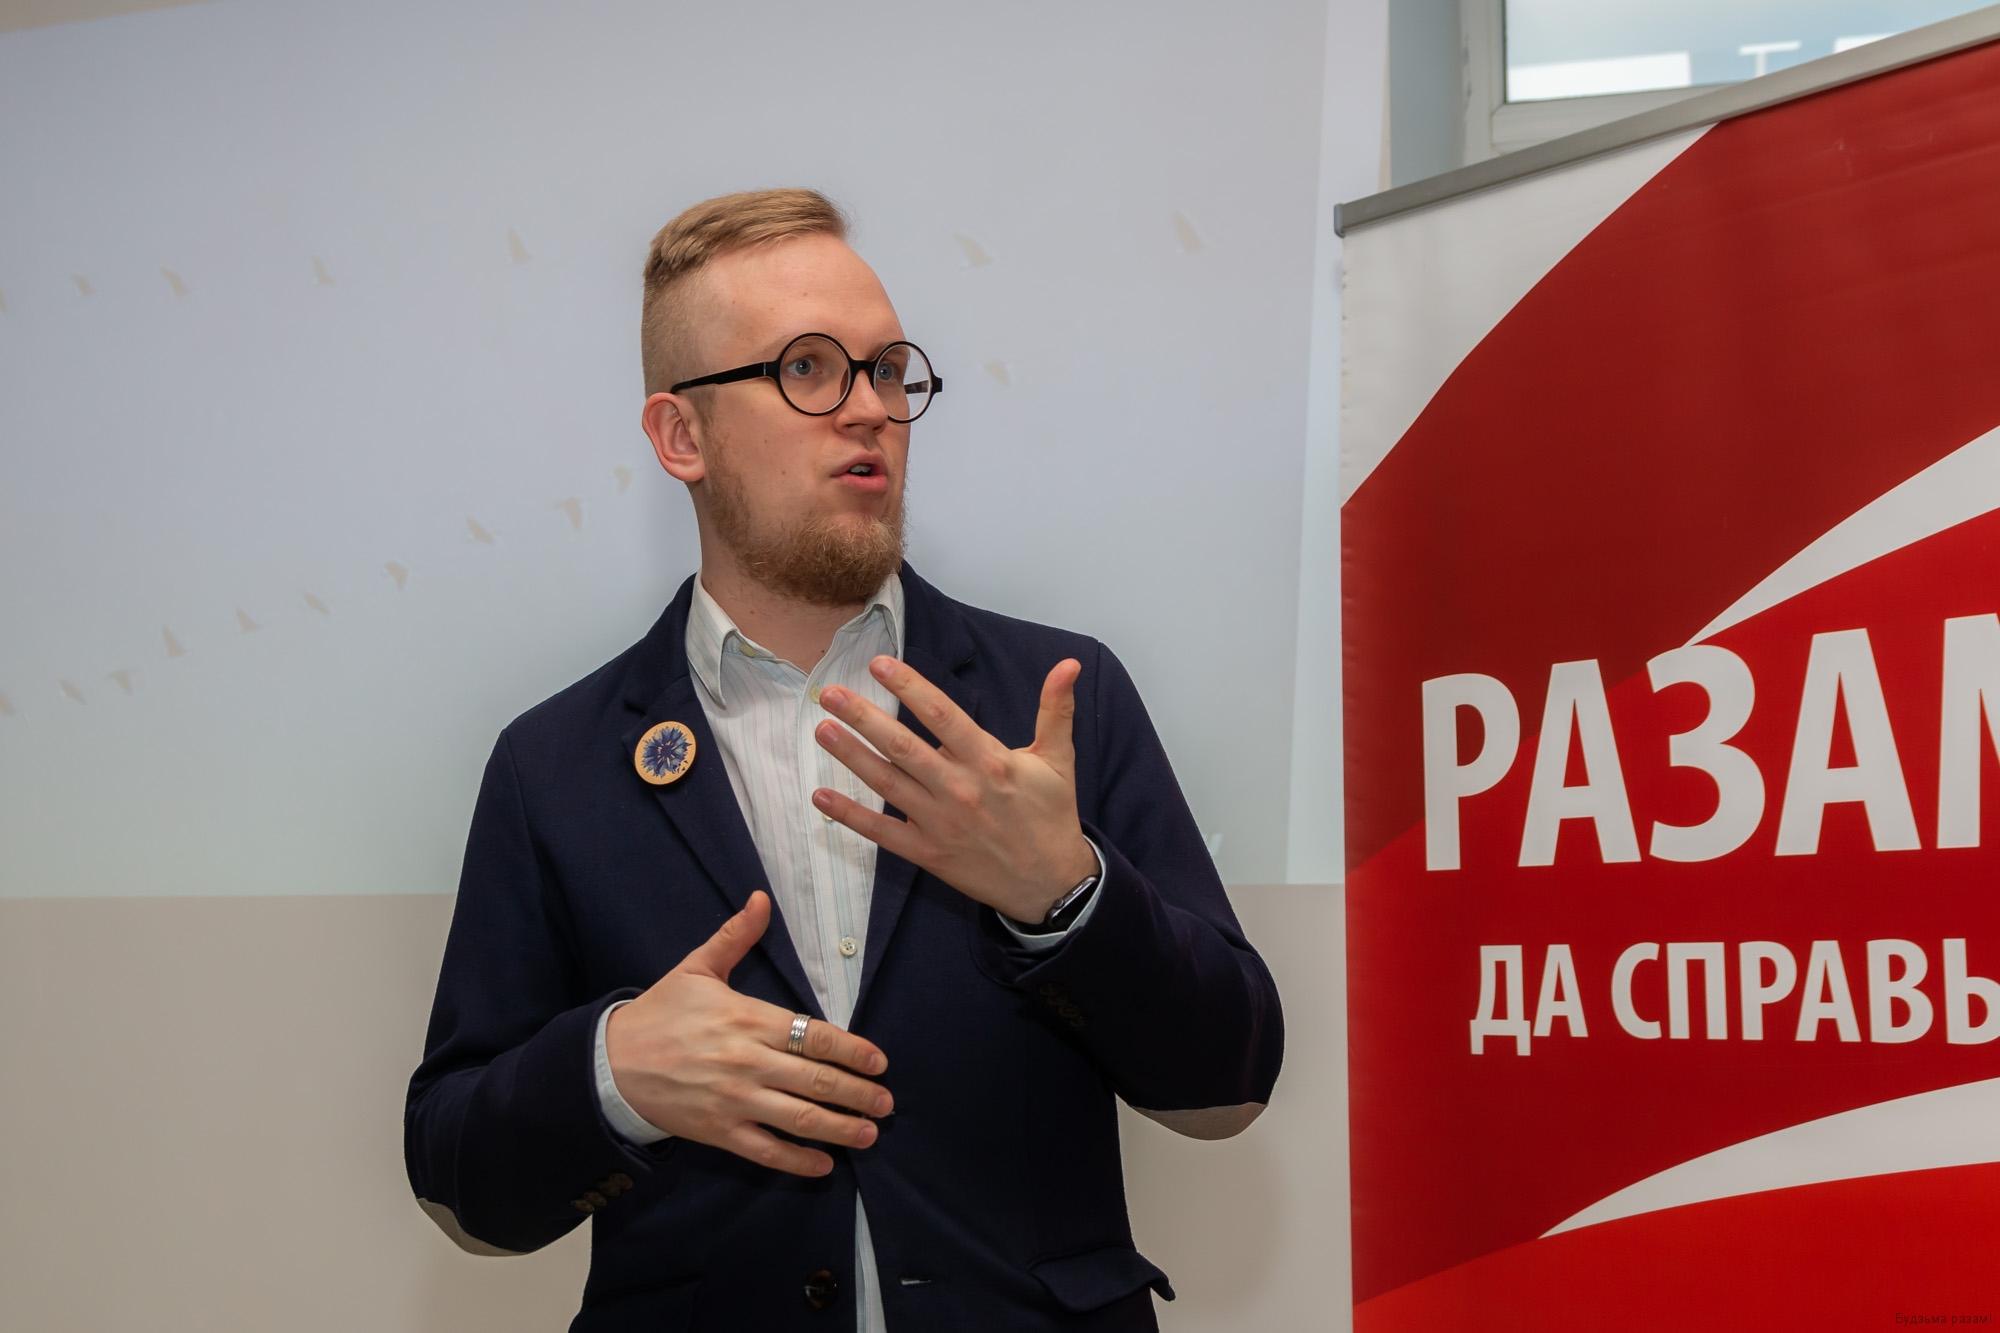 Дзяніс Васількоў